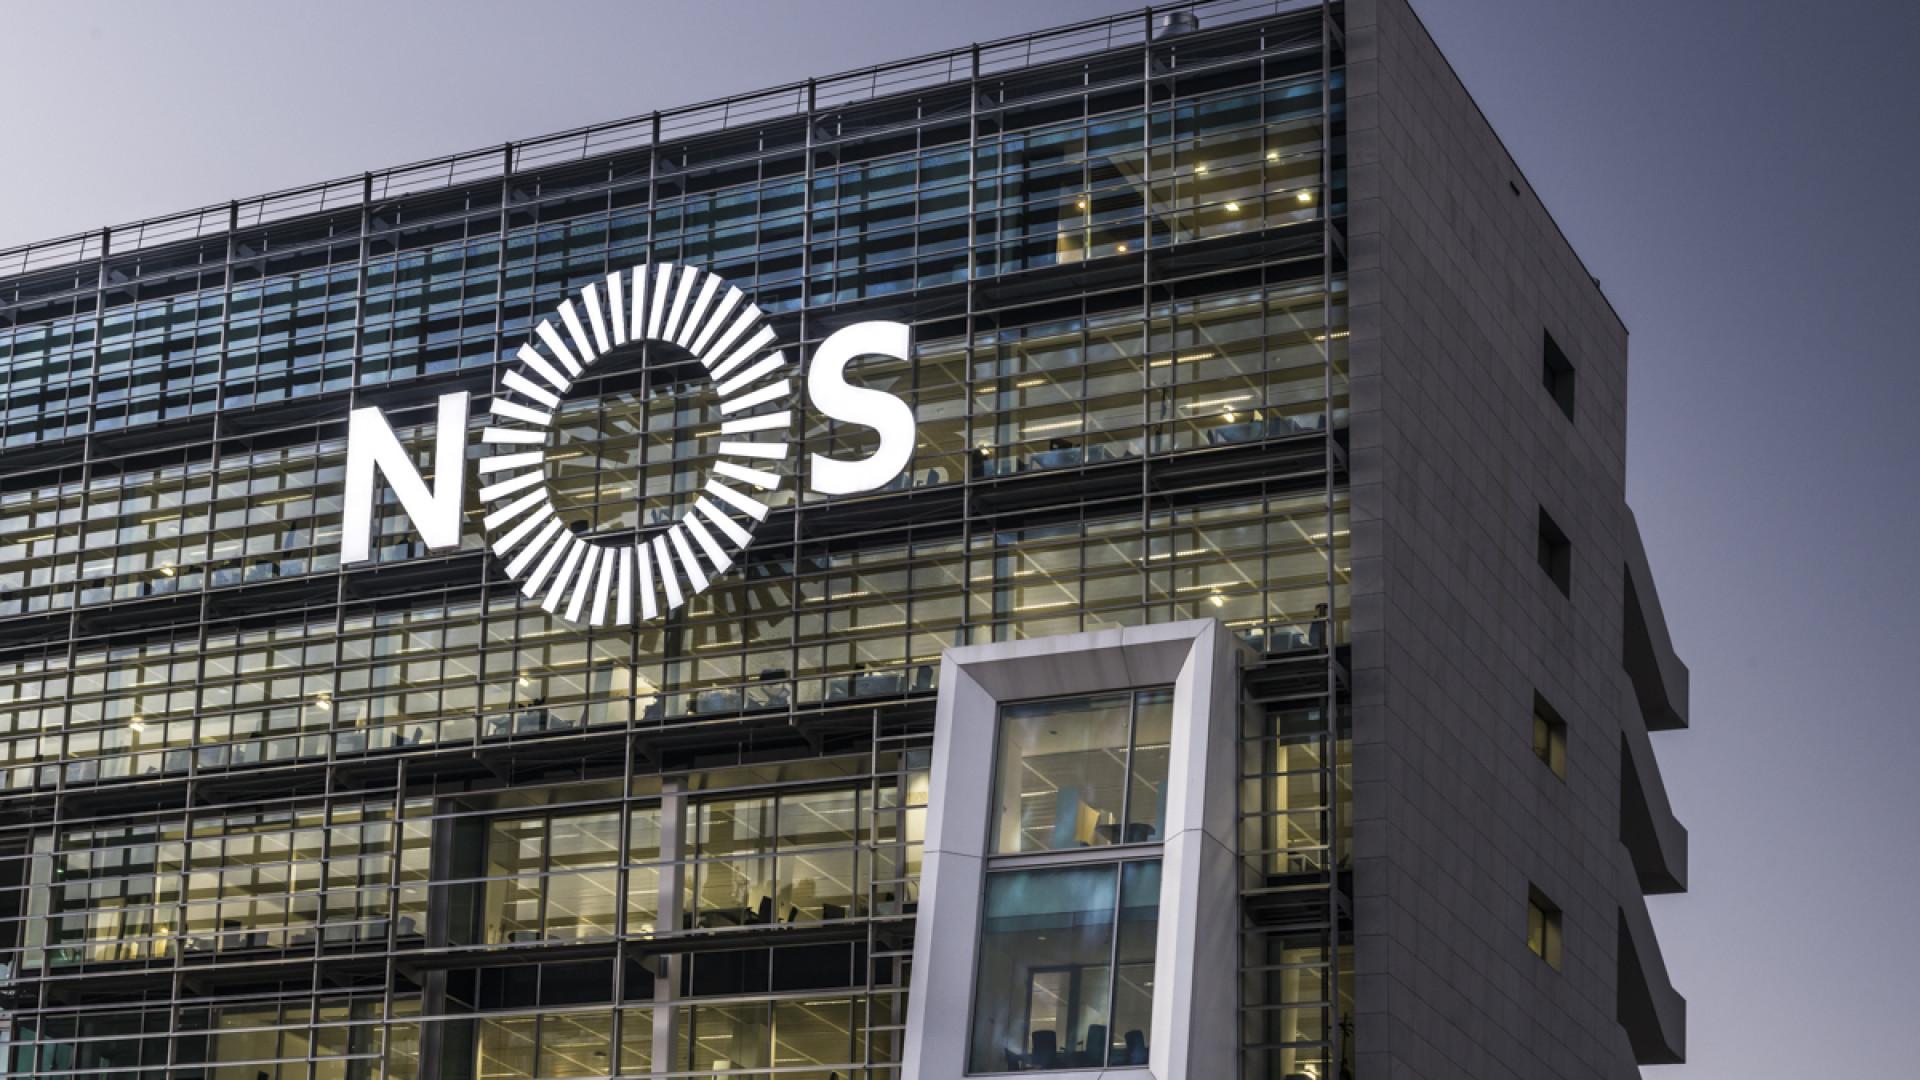 NOS anuncia programa de aquisição de ações próprias